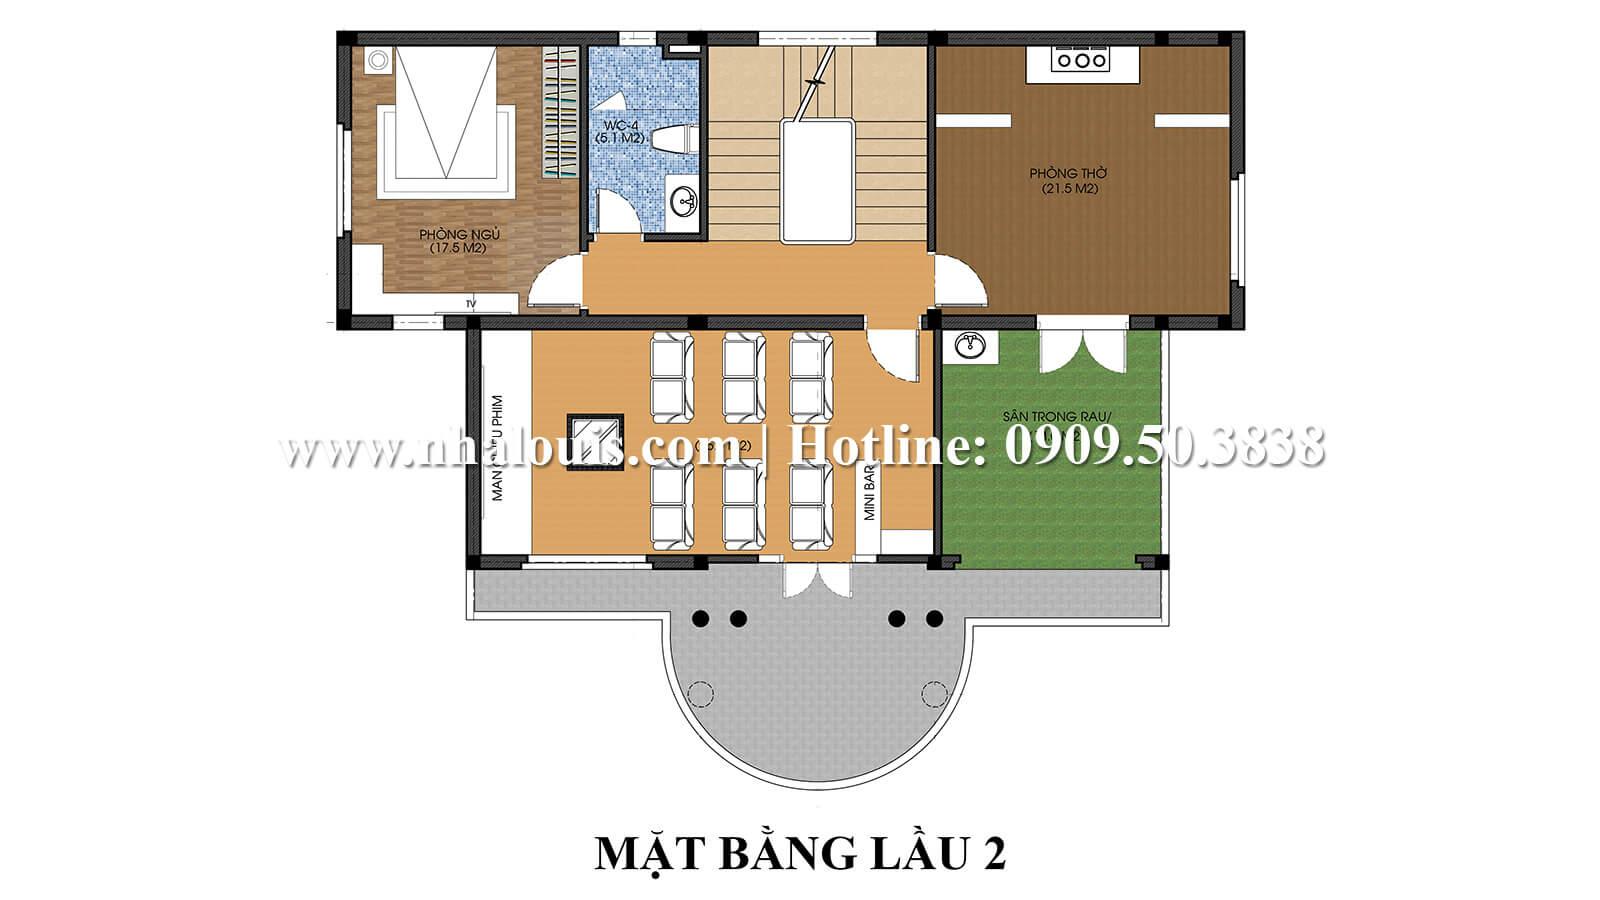 Mặt bằng lầu 2 Thiết kế nội thất biệt thự hiện đại đẹp 3 tầng tại Vũng Tàu